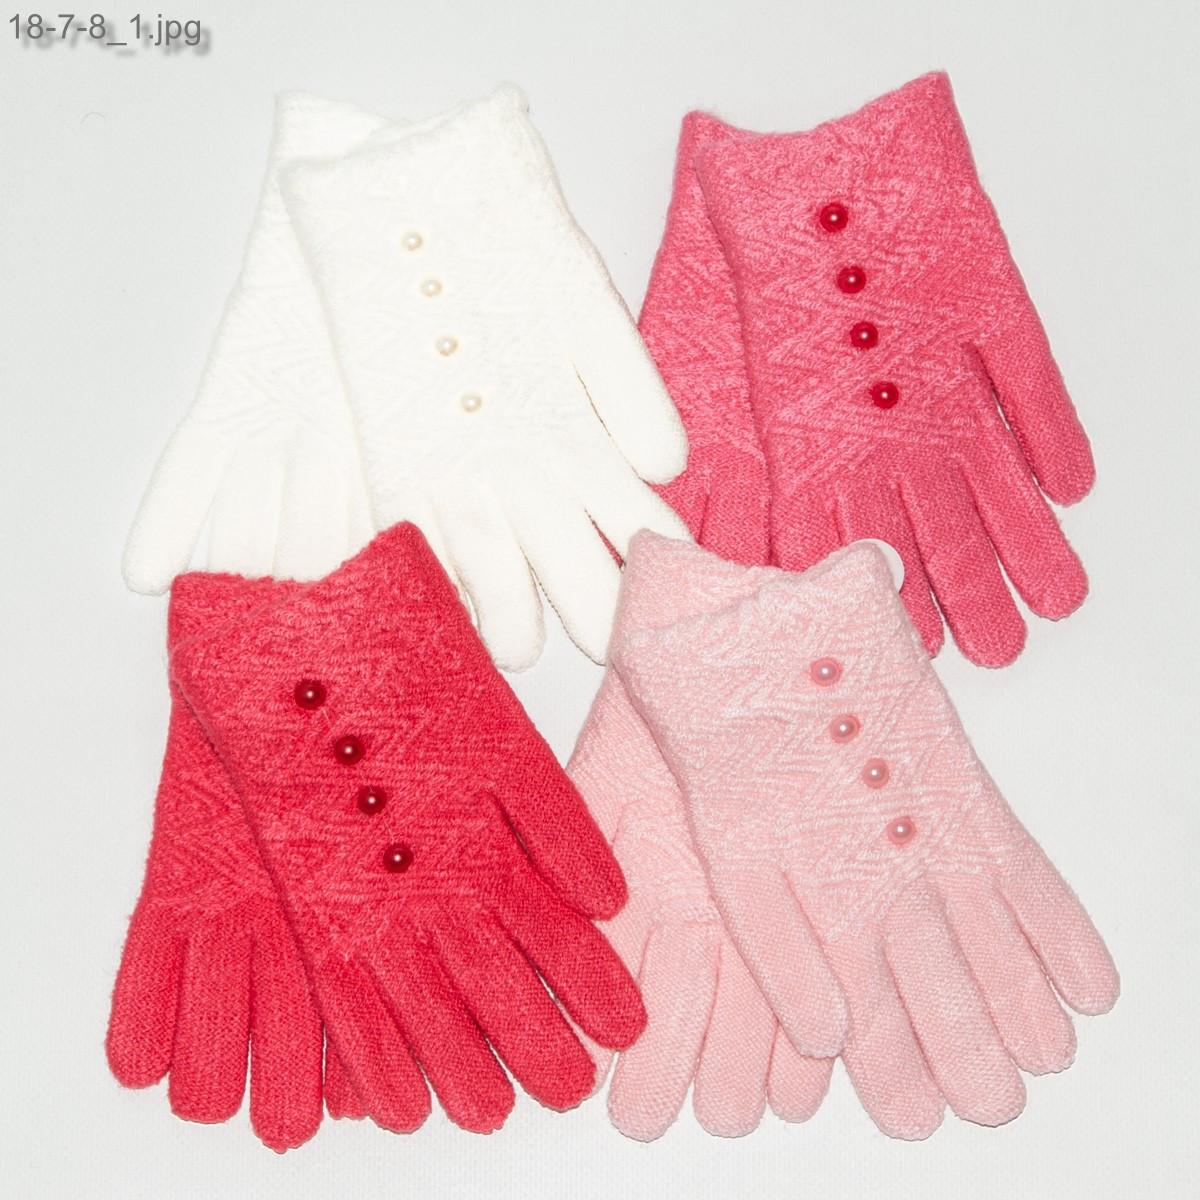 Оптом перчатки детские на девочек 4-6 лет - №18-7-8